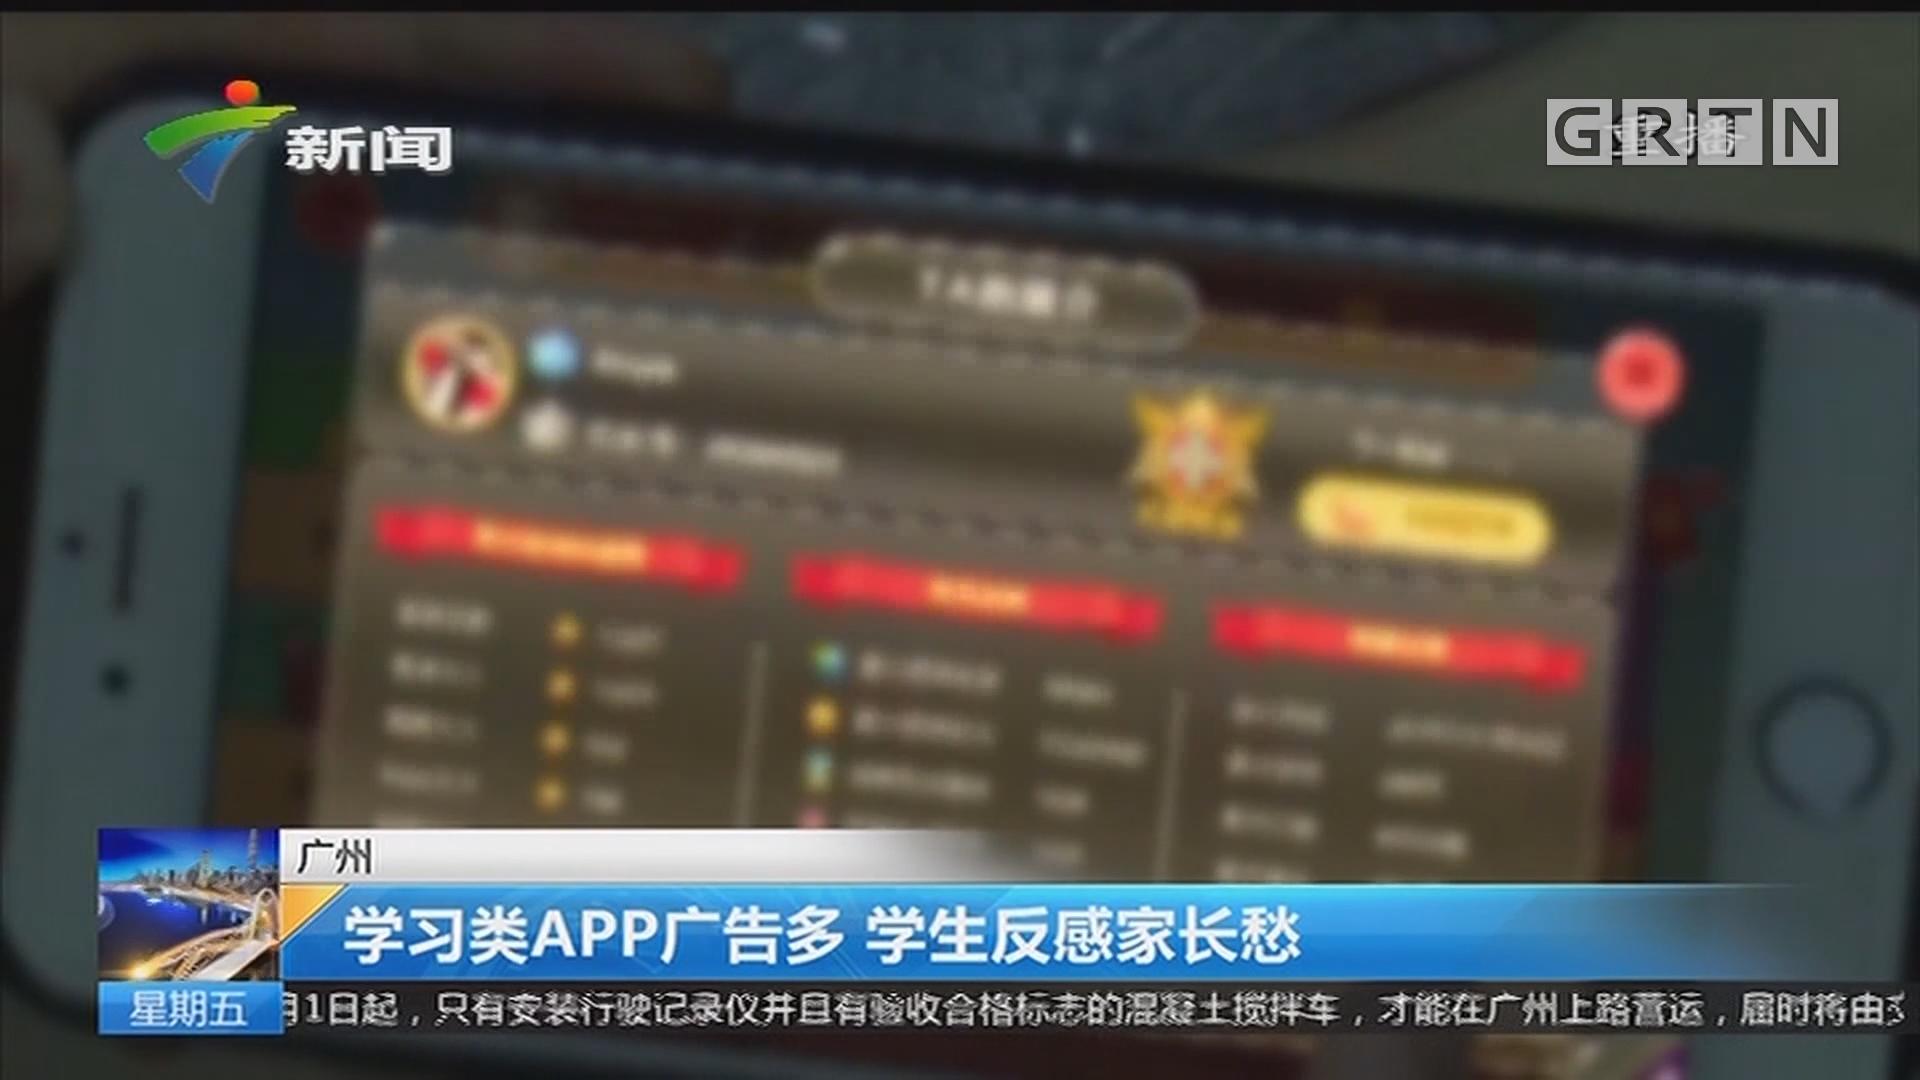 广州:学习类APP广告多 学生反感家长愁